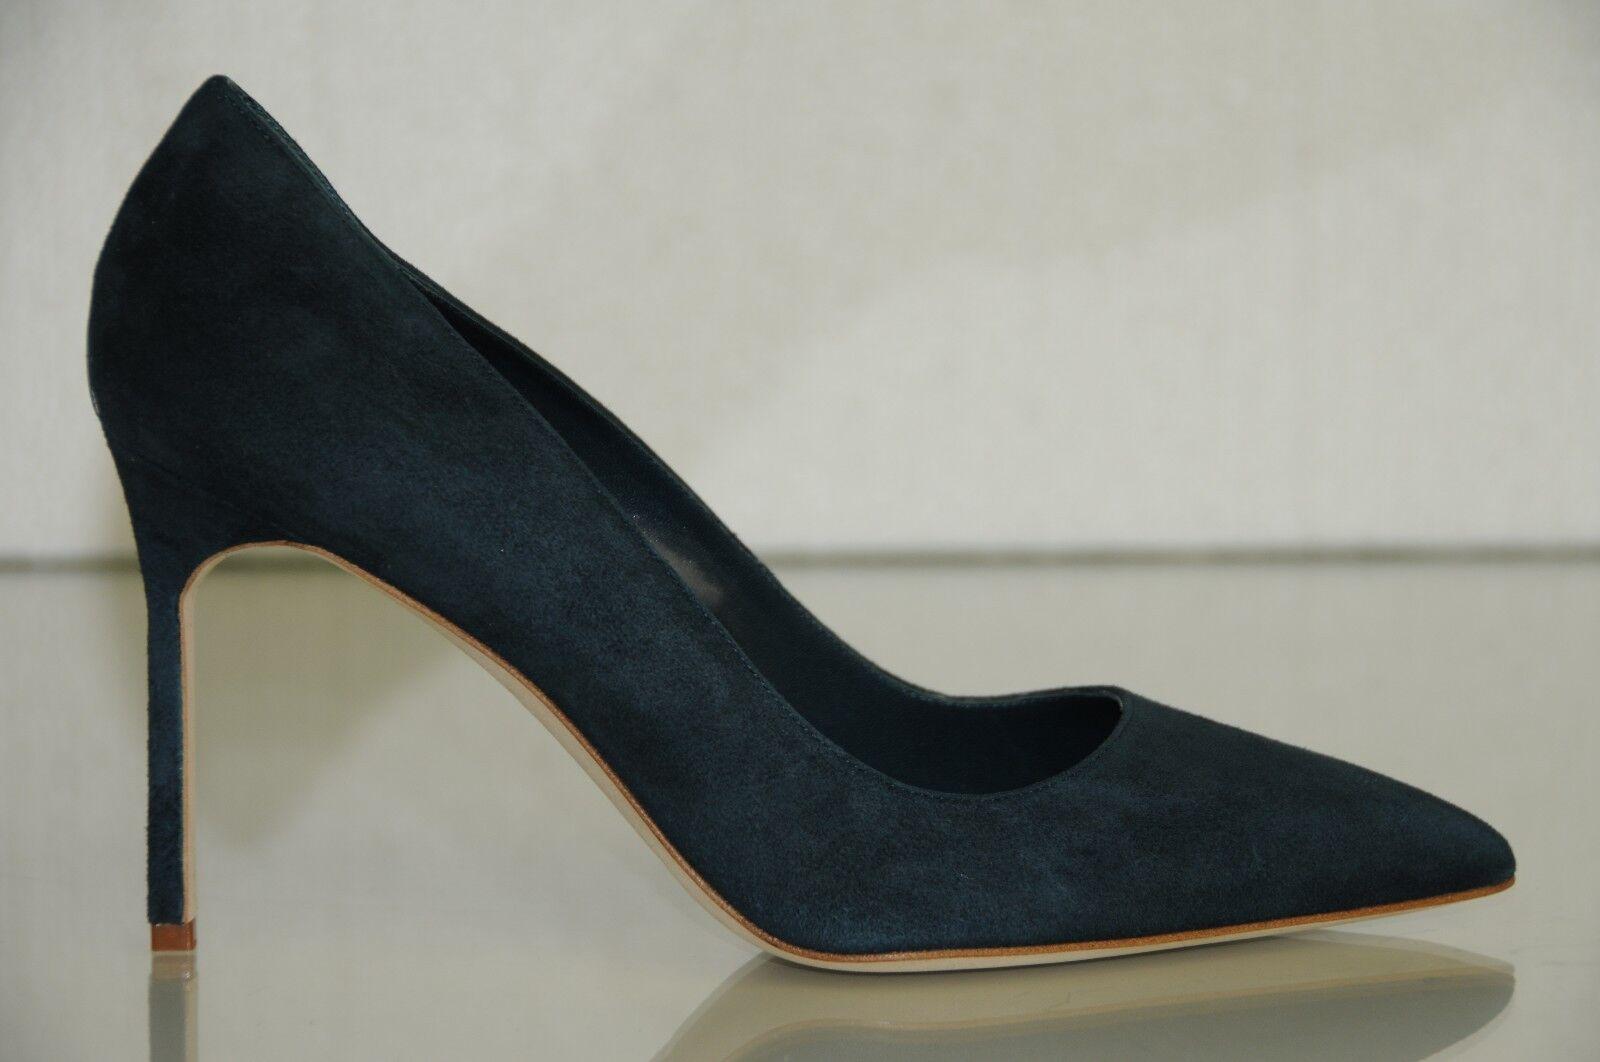 Neu Manolo Blahnik Bb 90 Stahlblau Wildleder Absätze Pumps Schuhe 37 38 40 41  | Elegante und robuste Verpackung